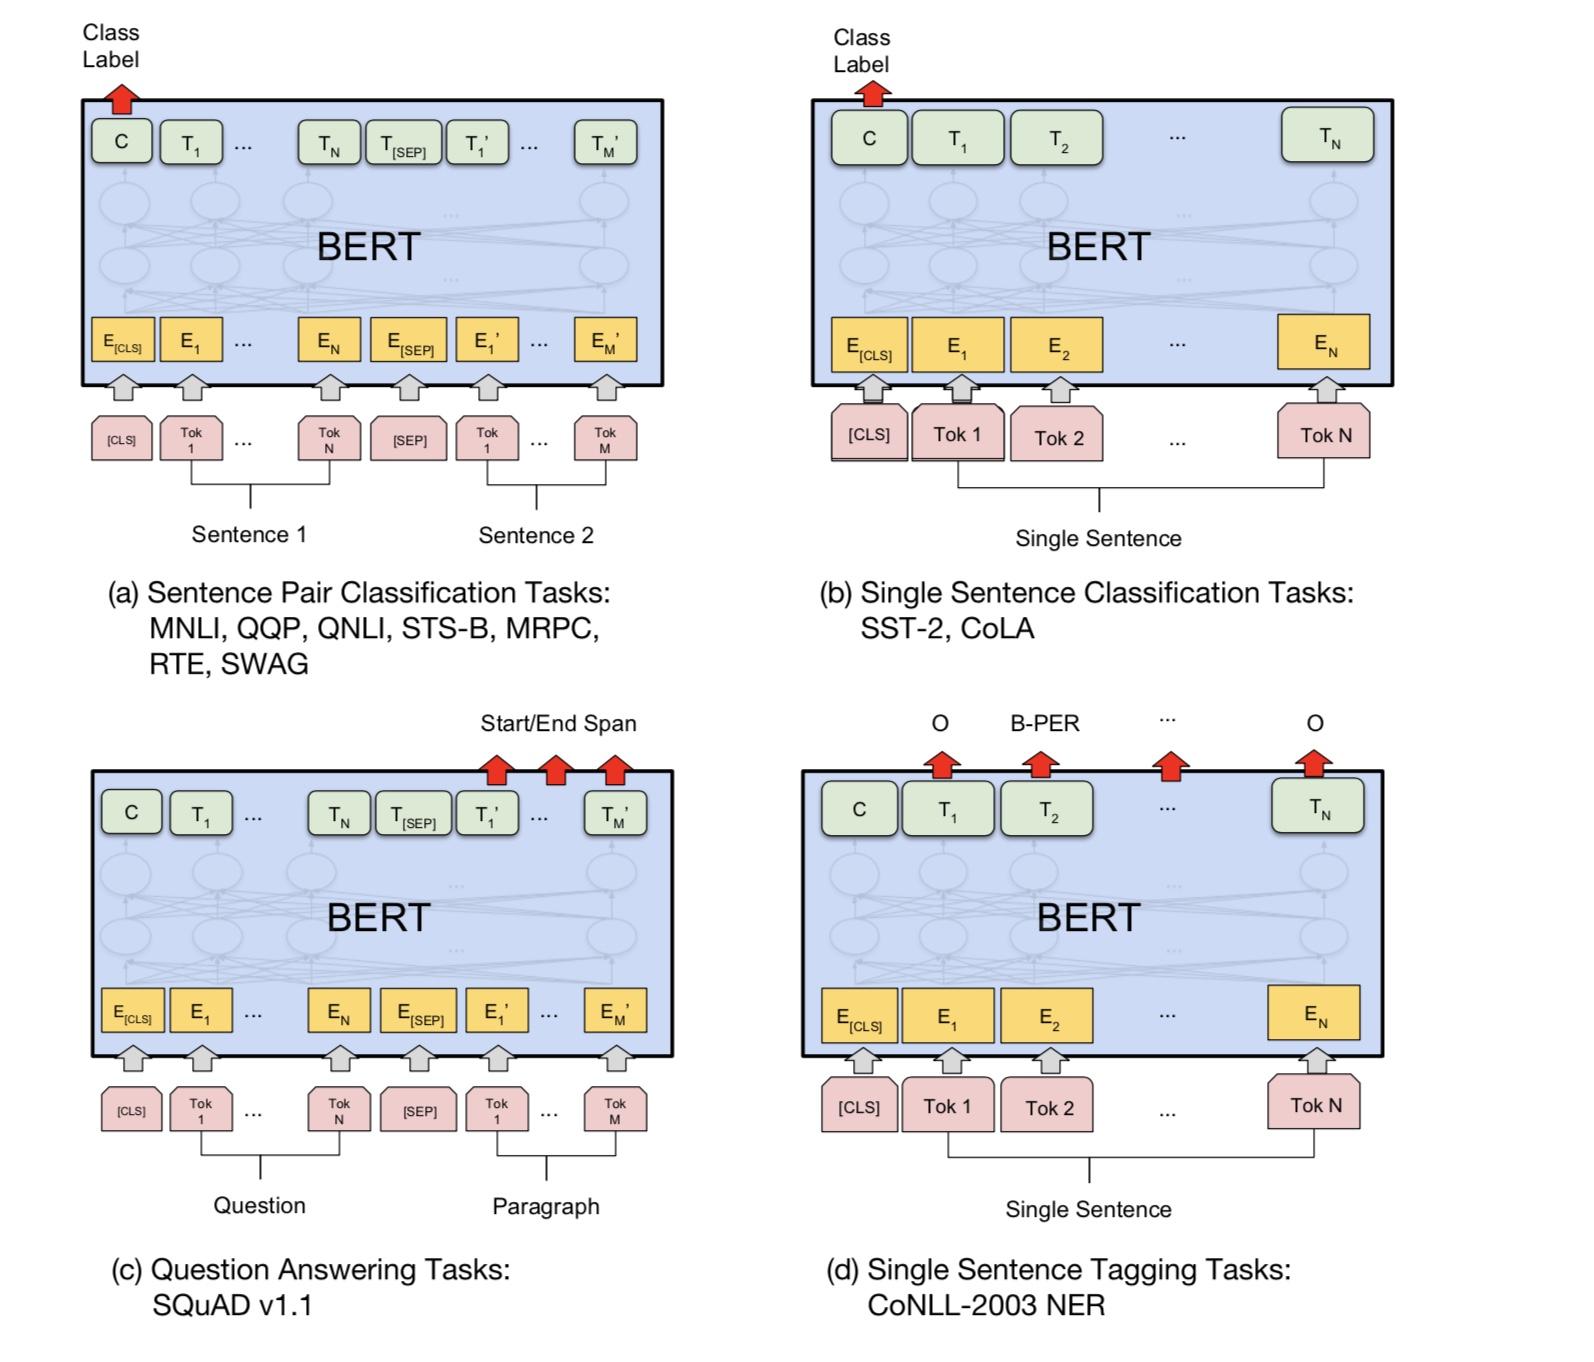 图7 BERT 下游任务介绍